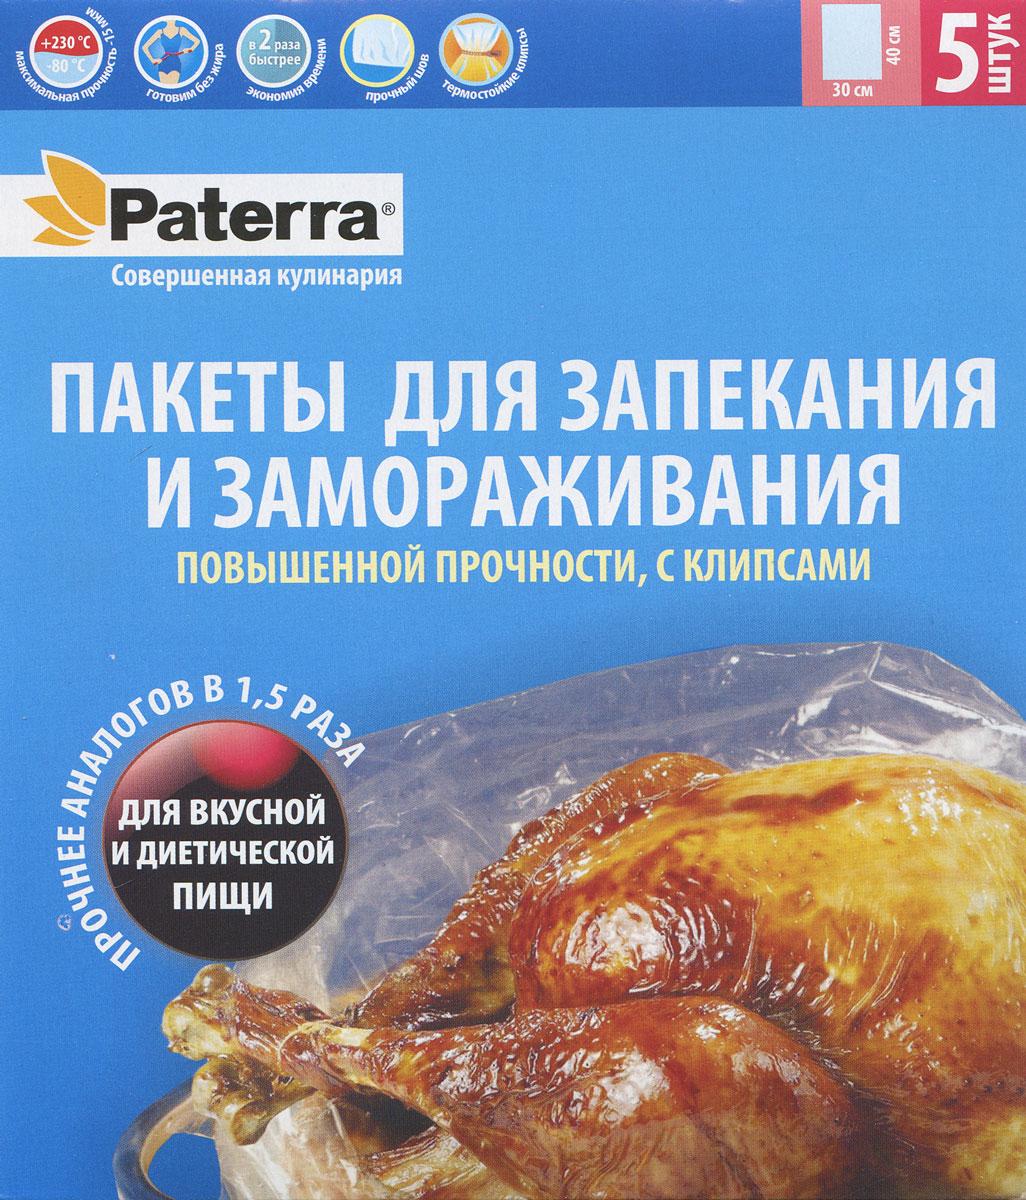 """Пакеты """"Paterra"""" изготовлены из полиэтилентерефталата (термопластик) и используются для  приготовления вкусных, а главное полезных блюд из мяса,  рыбы, овощей в собственном соку. Они позволяют приготовить  здоровую пищу, сократить количество калорий и сохранить  витамины.  Термостойкие клипсы, которые идут в комплекте с пакетами, не плавятся в духовке, пригодны  для готовки в микроволновой печи."""